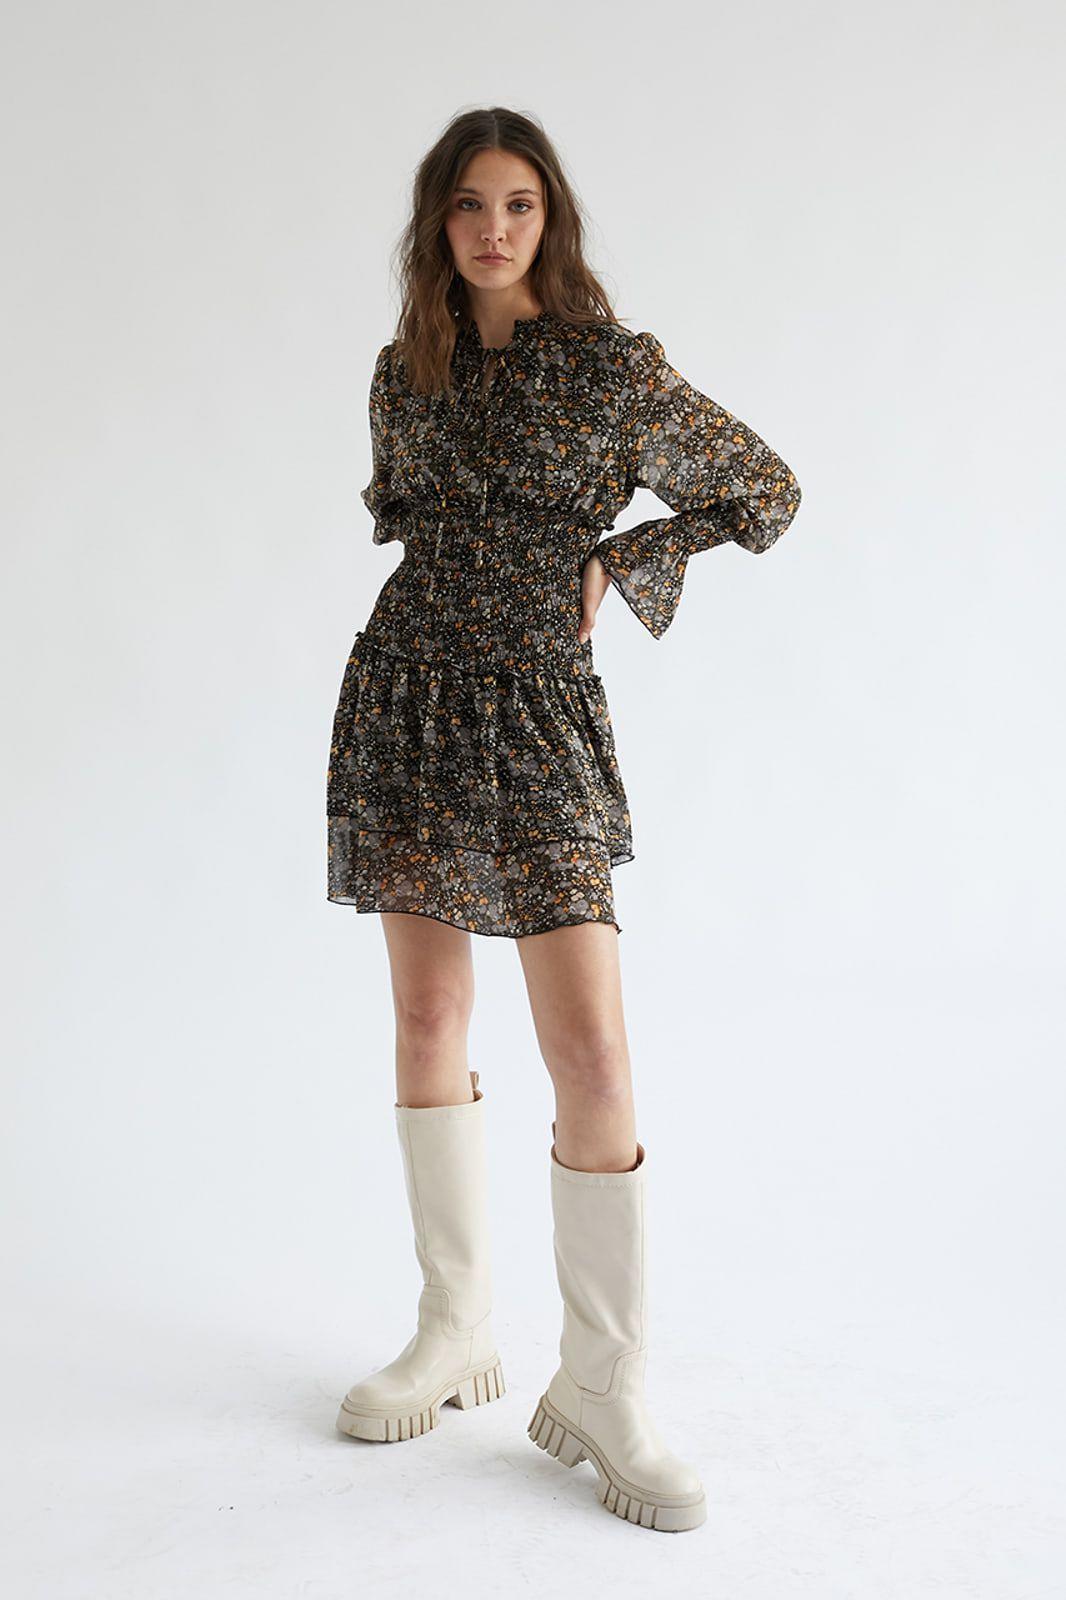 Vestido corto con estampado floral y cintura nido de abeja. Mangas con acabado elástico y ligeramente acampanadas. Cuello anudado con lazada. <b>Composición</b> 100% Poliester Alabama Shop